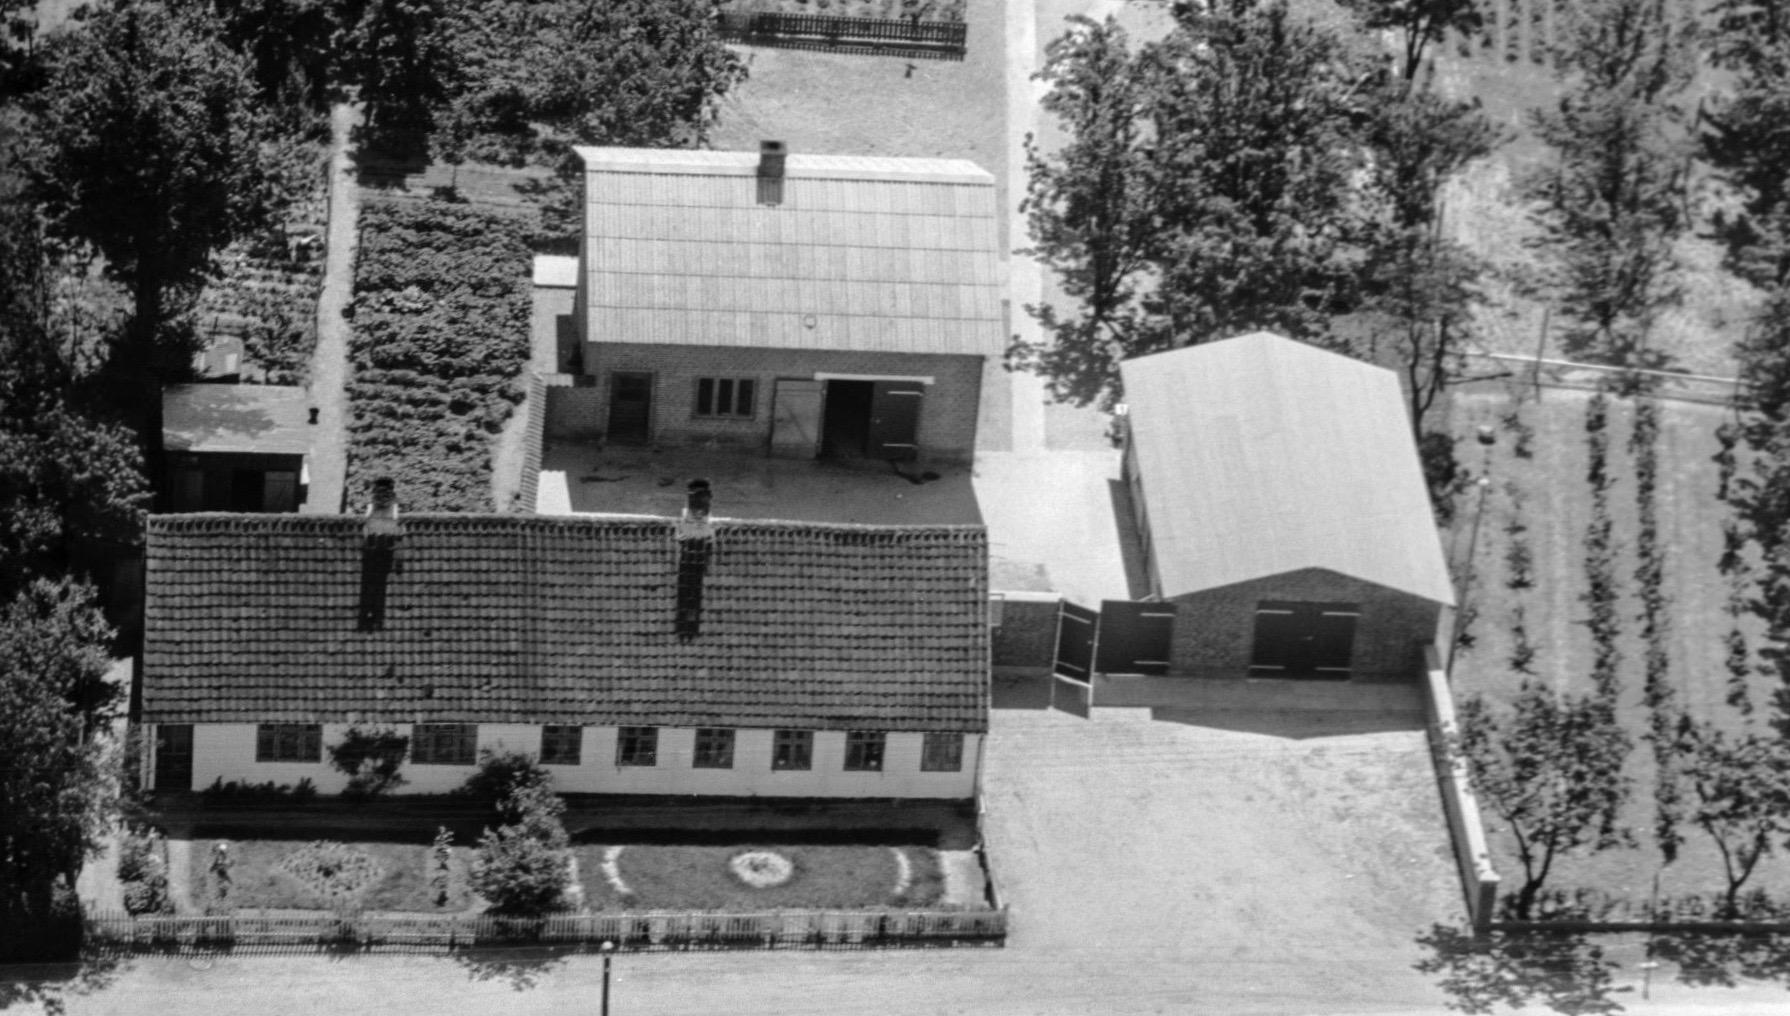 Æblekagefabrikken på Herredsvej 86 i 1949 (Kilde: kb.dk)